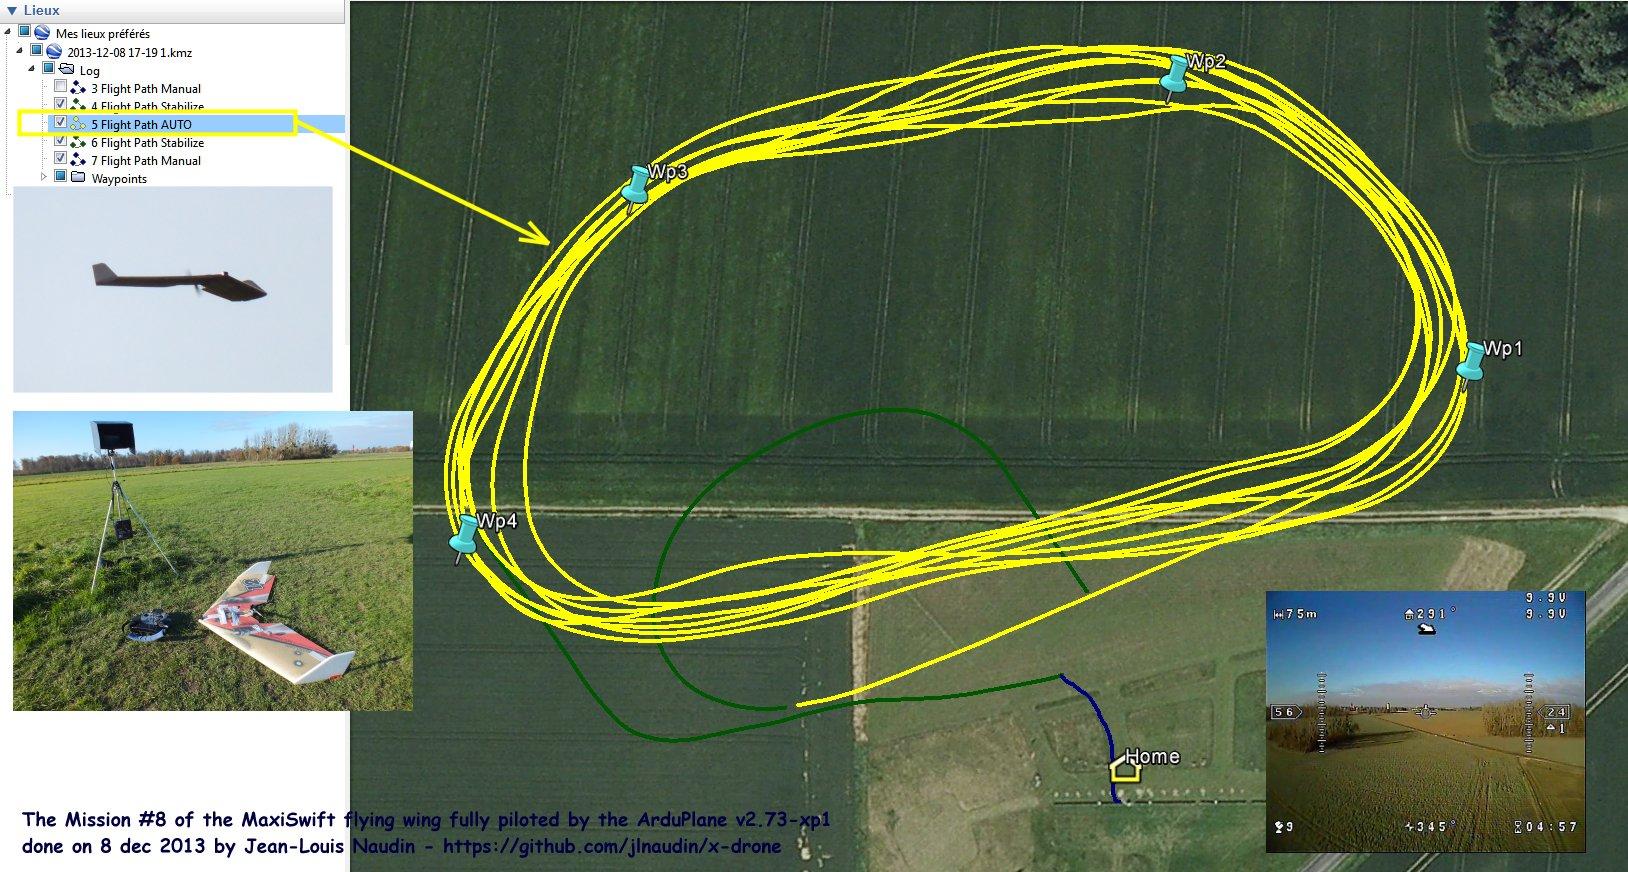 FlightLogmiss8.jpg?width=720